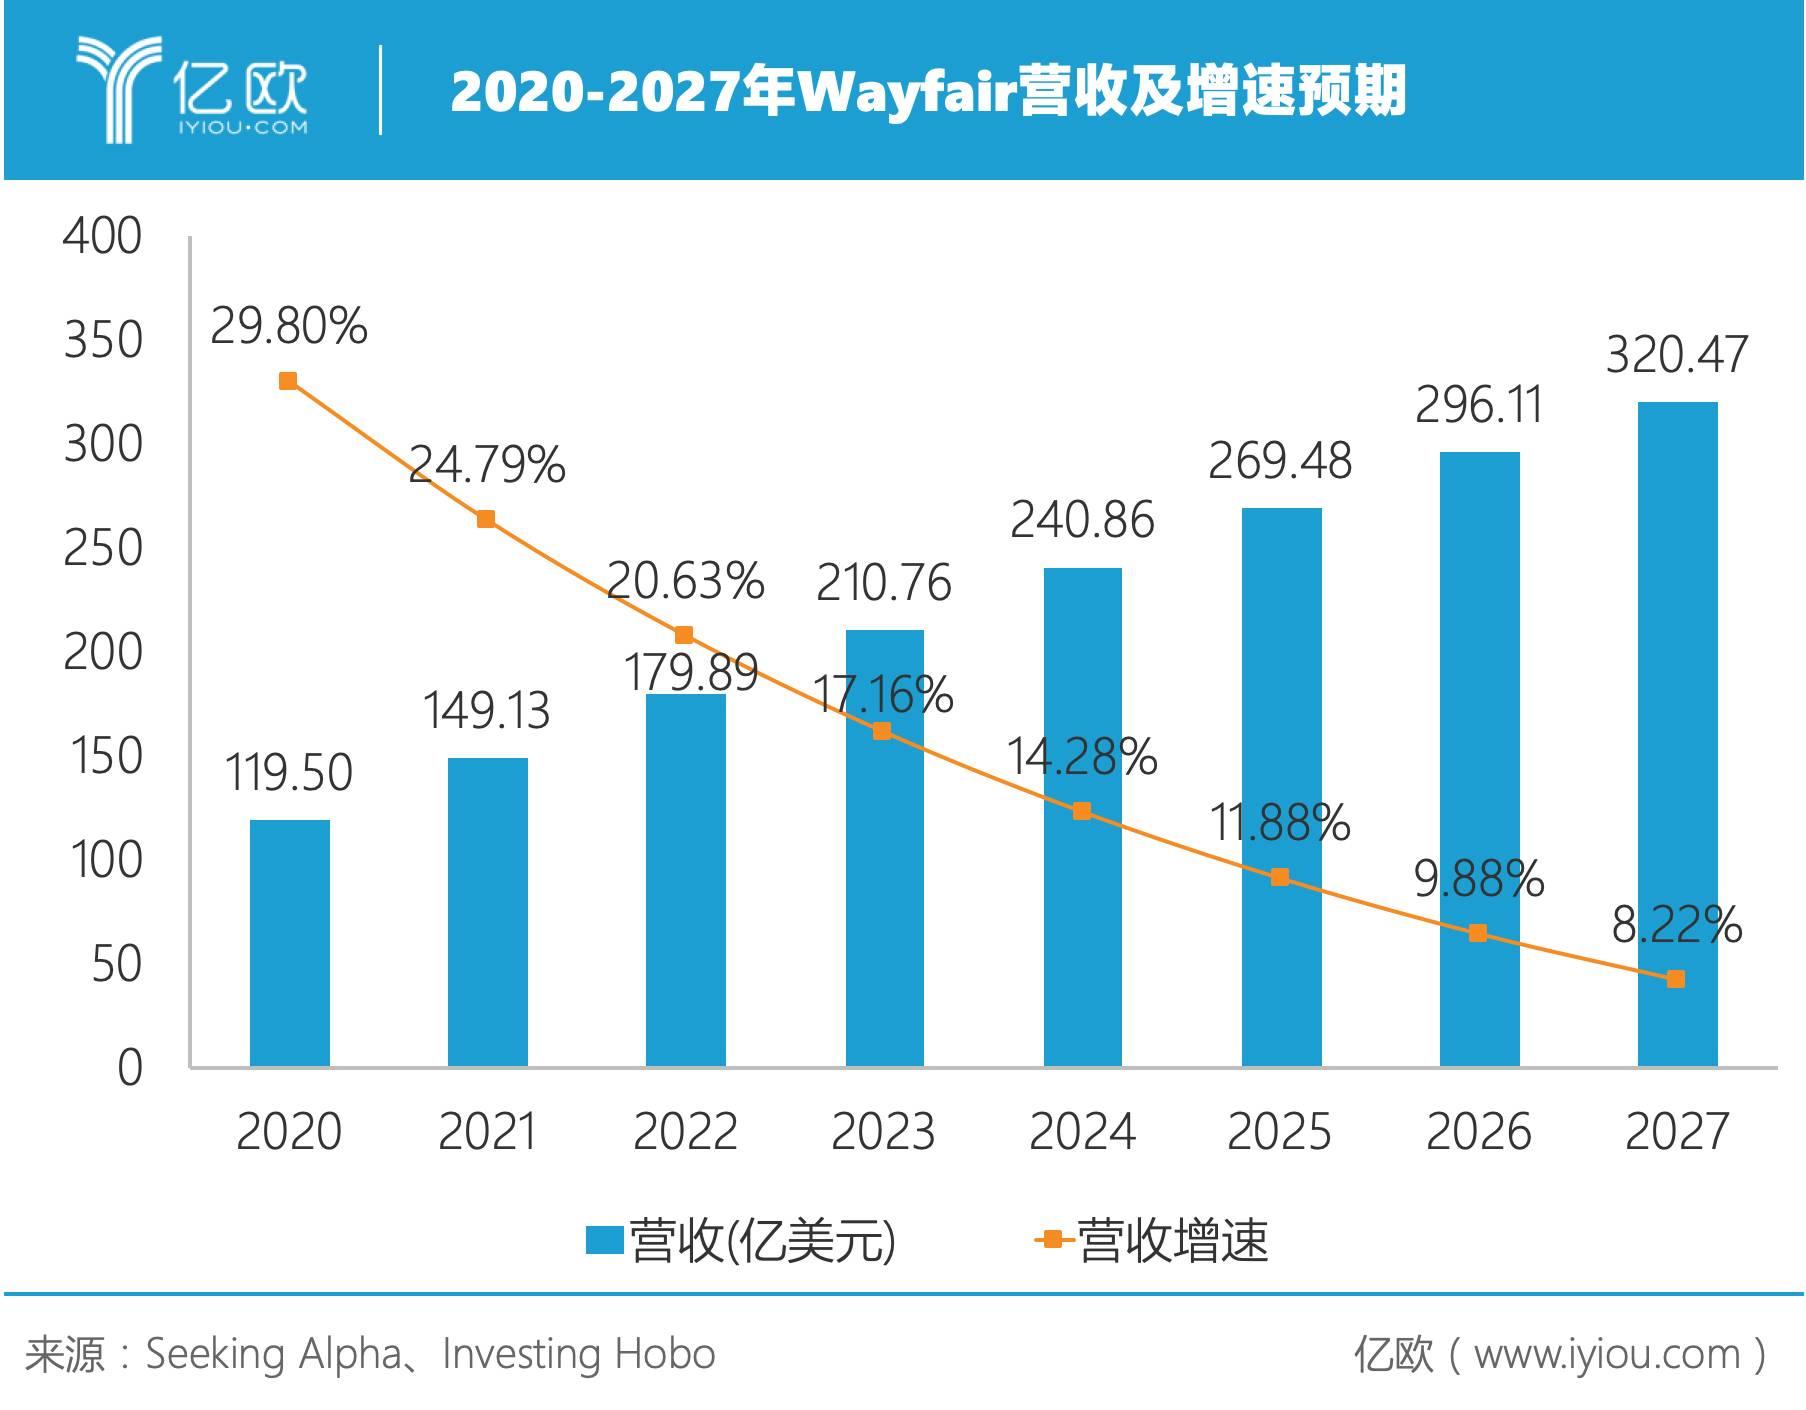 2020-2027年Wayfair营收及增速预期